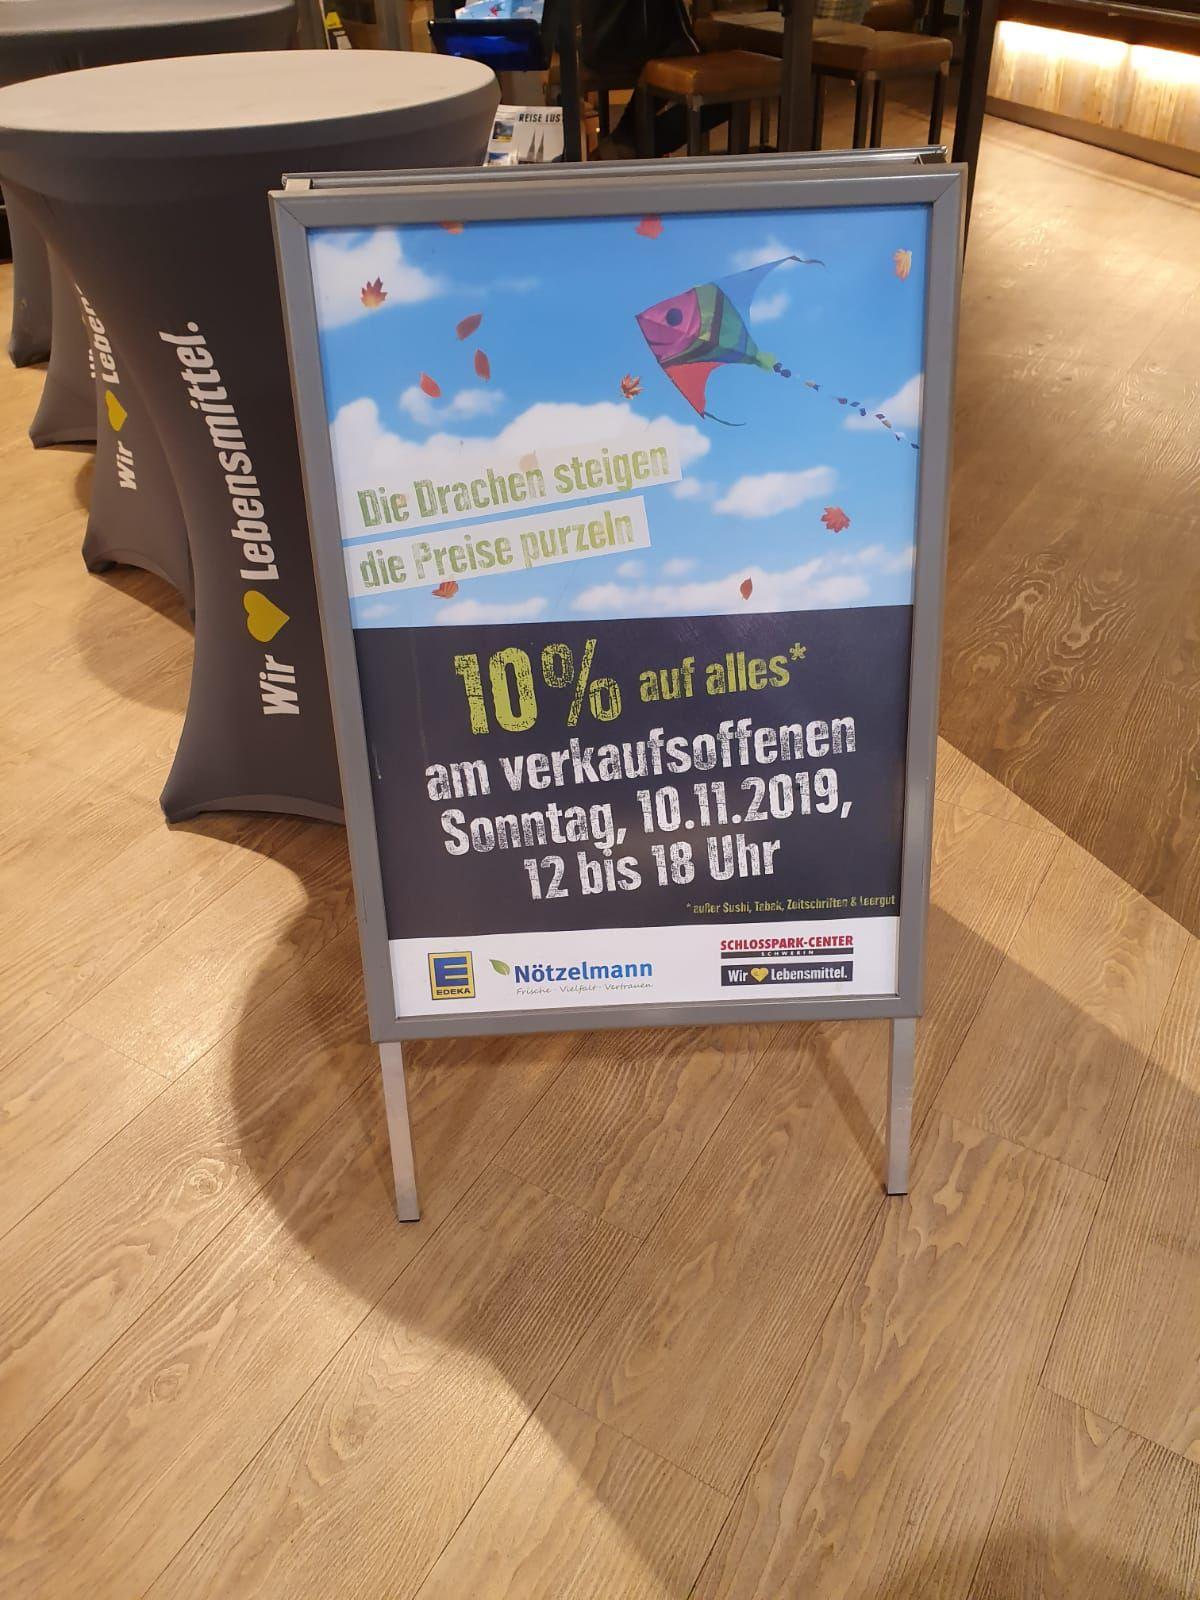 [Edeka Schwerin Nötzelmann] 10% auf (fast) alles am verkaufsoffenen Sonntag